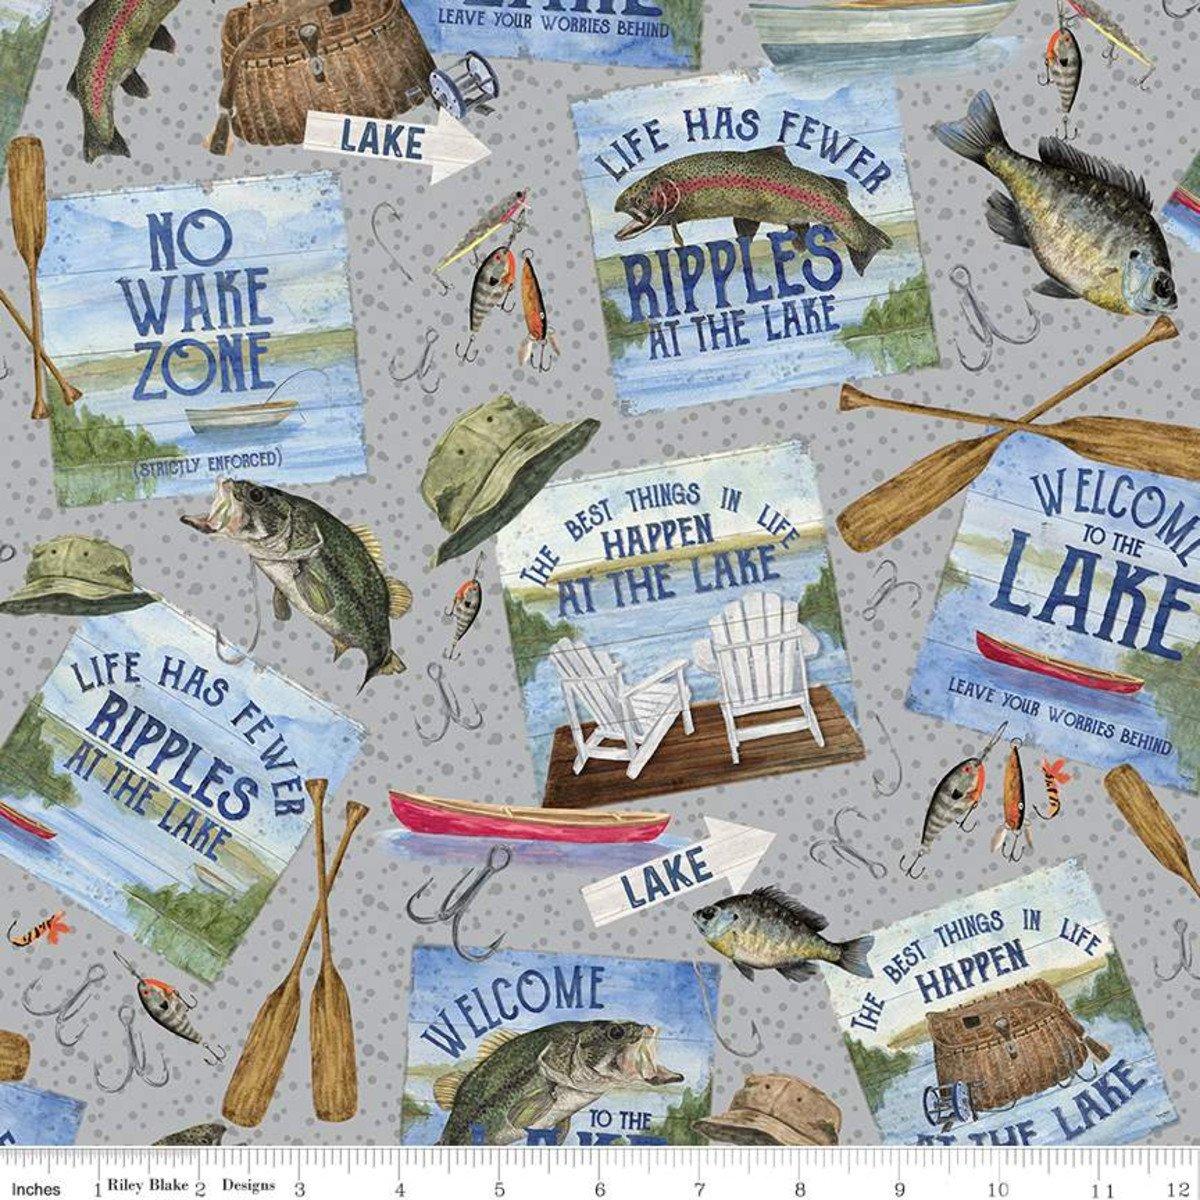 At The Lake C10550-Gray Main by Tara Reed for Riley Blake Designs